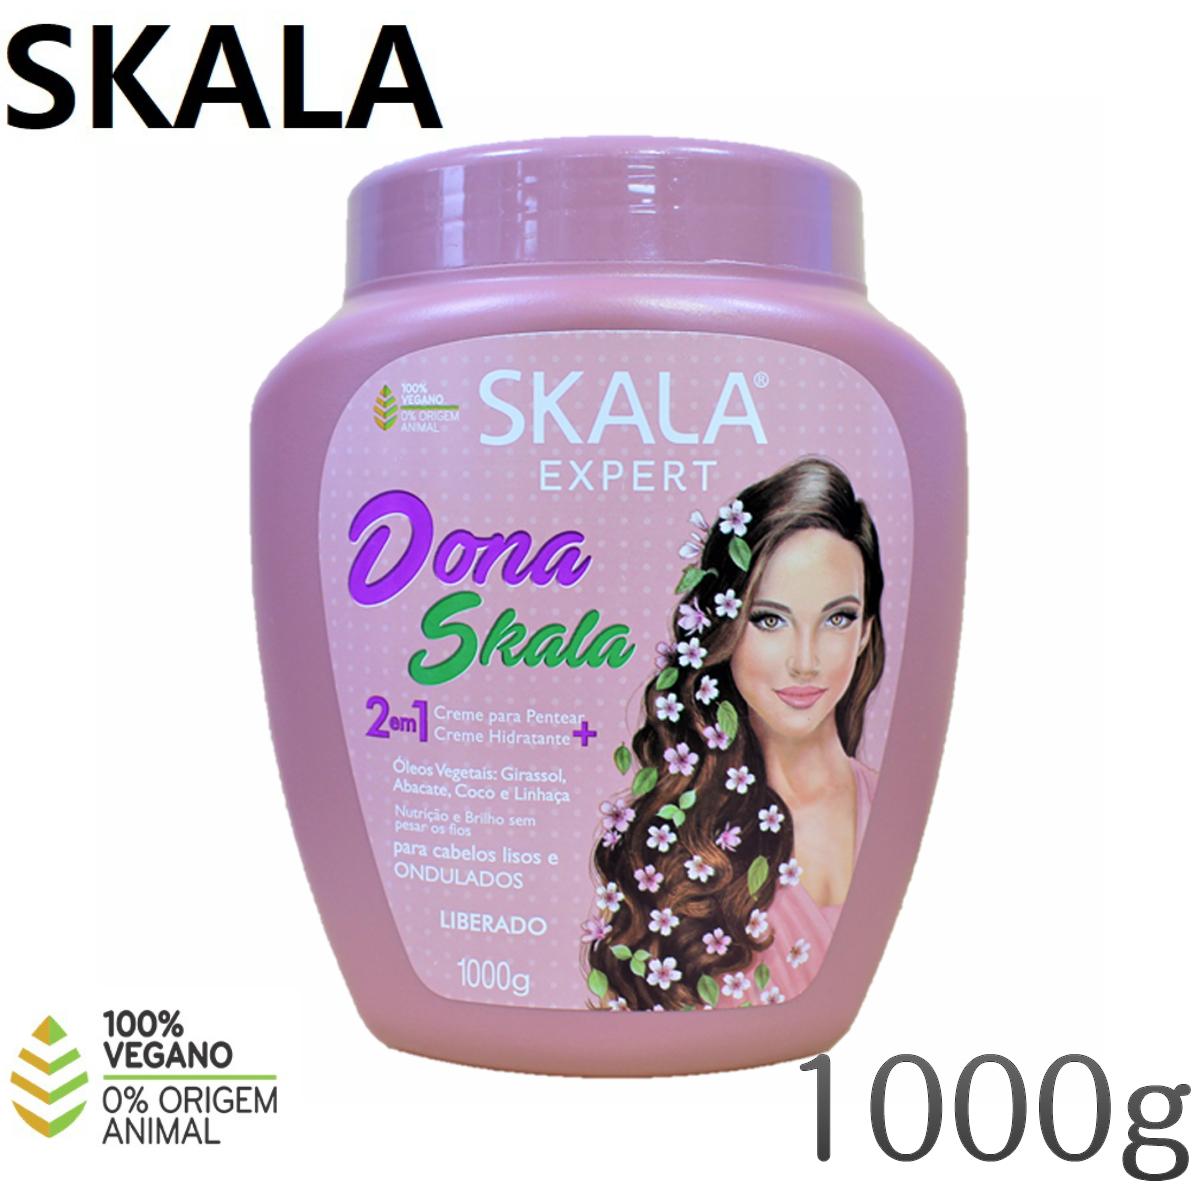 大容量 ブラジルで大人気のSKALAトリートメント 直営店 SKALA Dona Skala 2em1 トリートメント スタイリング剤 ヘアケア用品 1000g ドナ お歳暮 スカラ